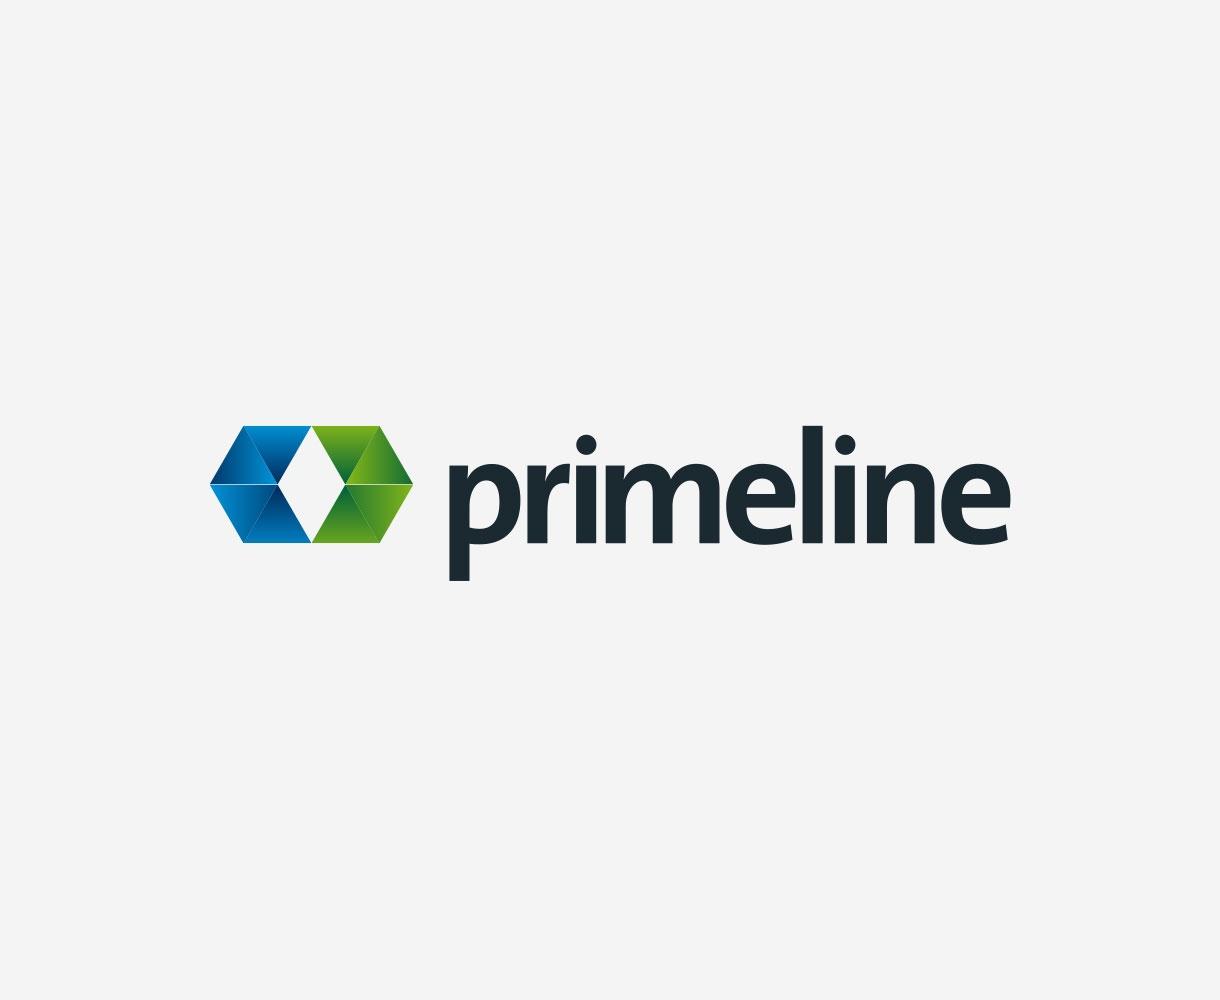 Primeline Chooses CommSec for Enterprise SIEM Services